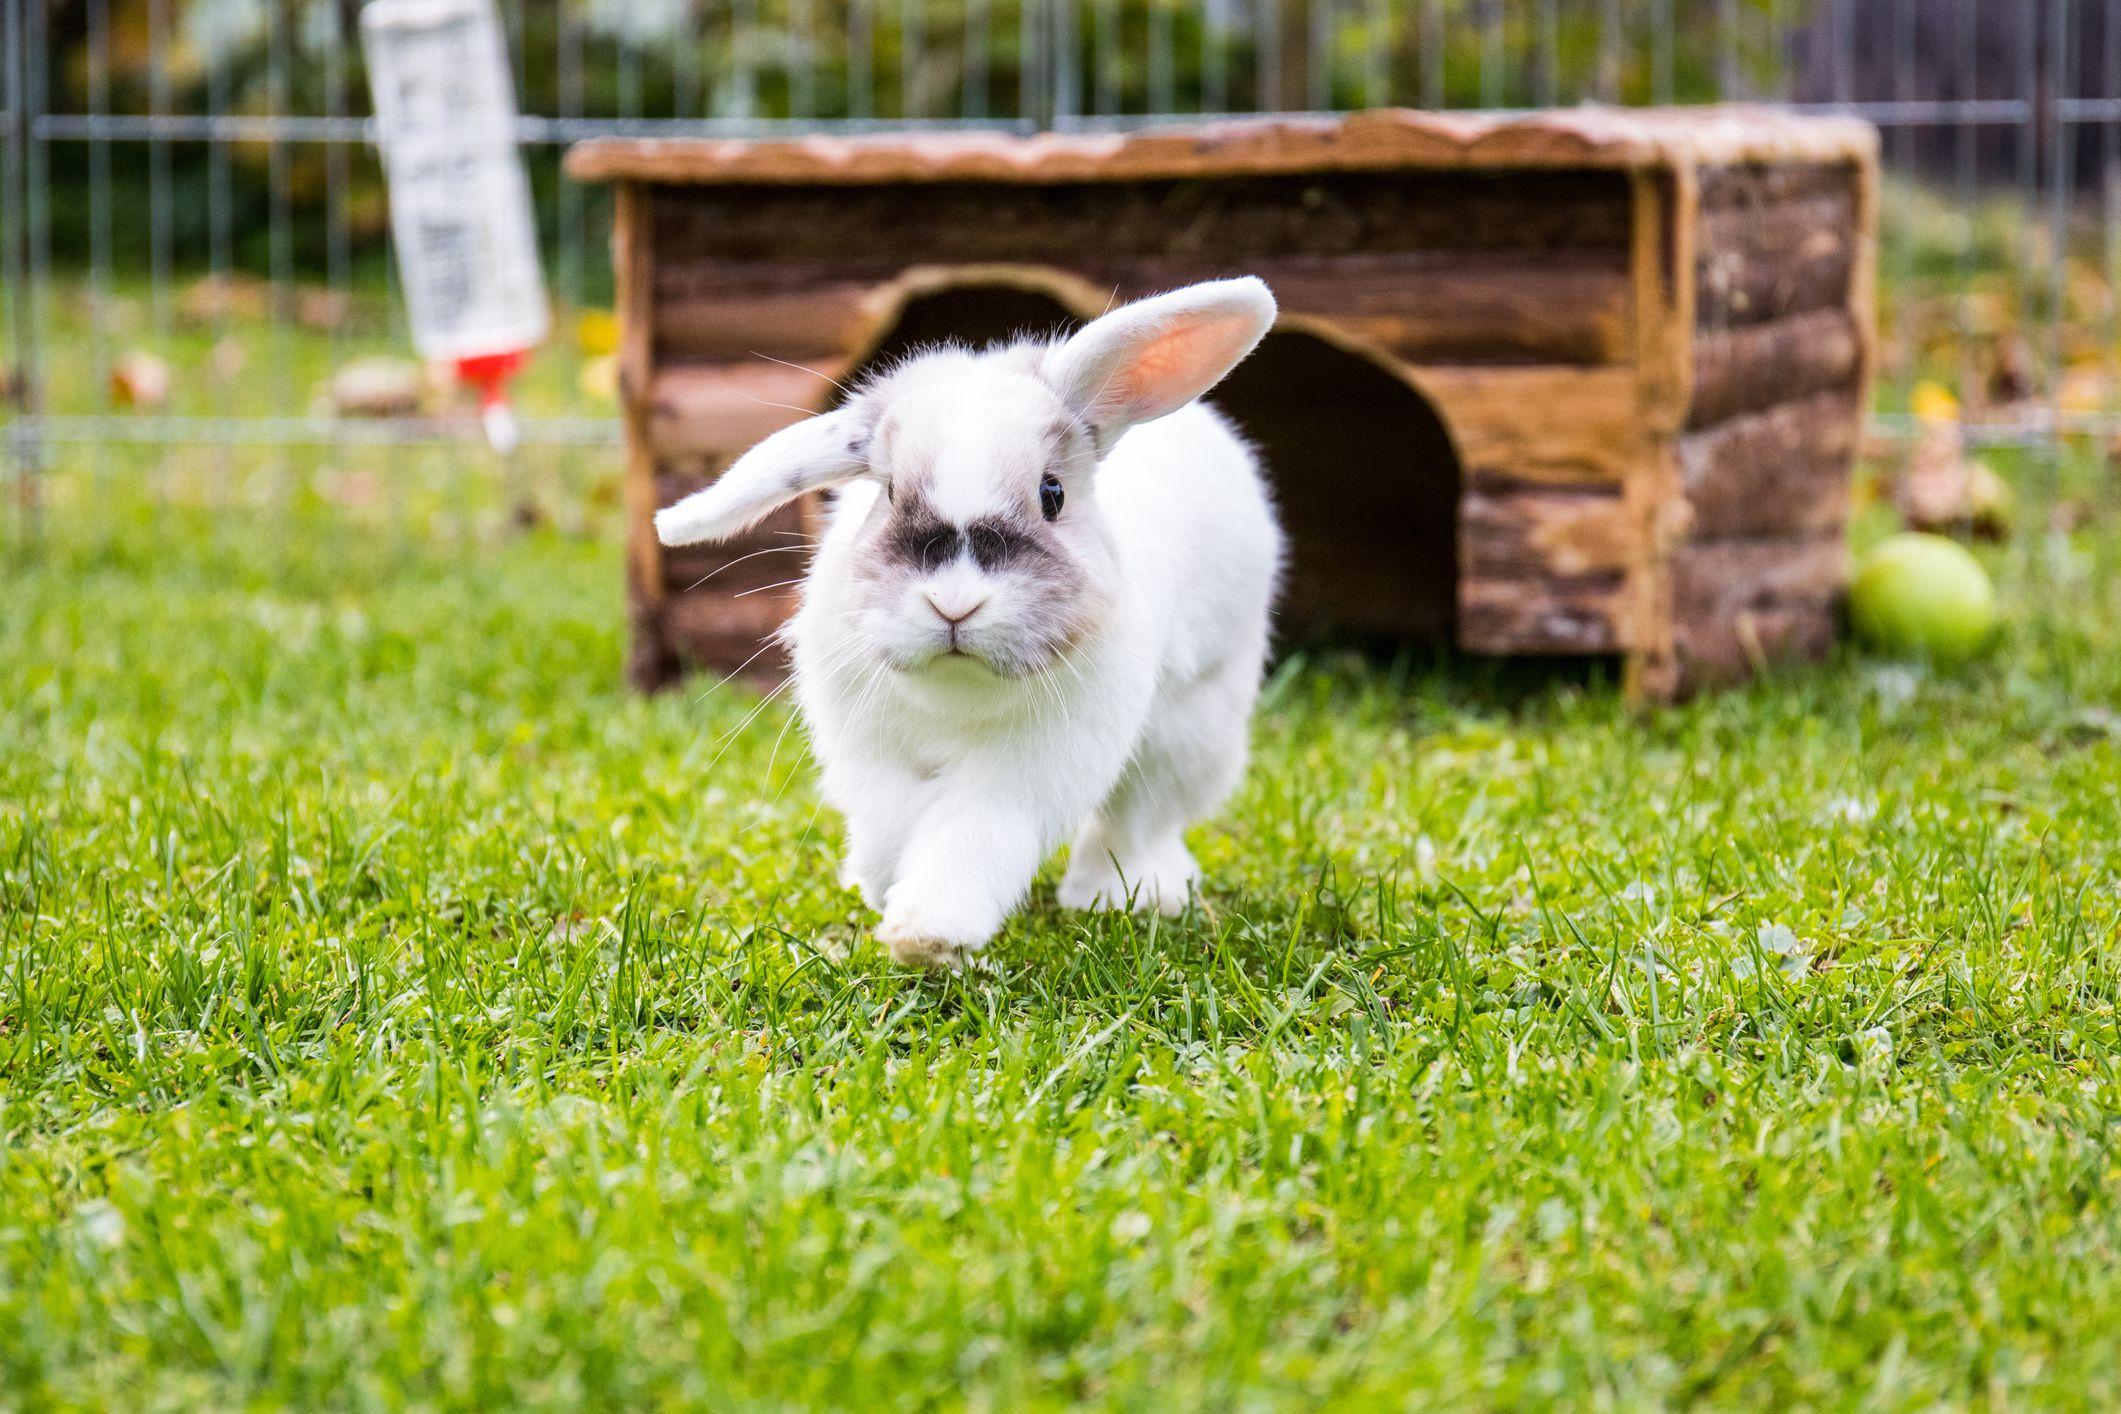 Hình ảnh thỏ con rất xinh xắn